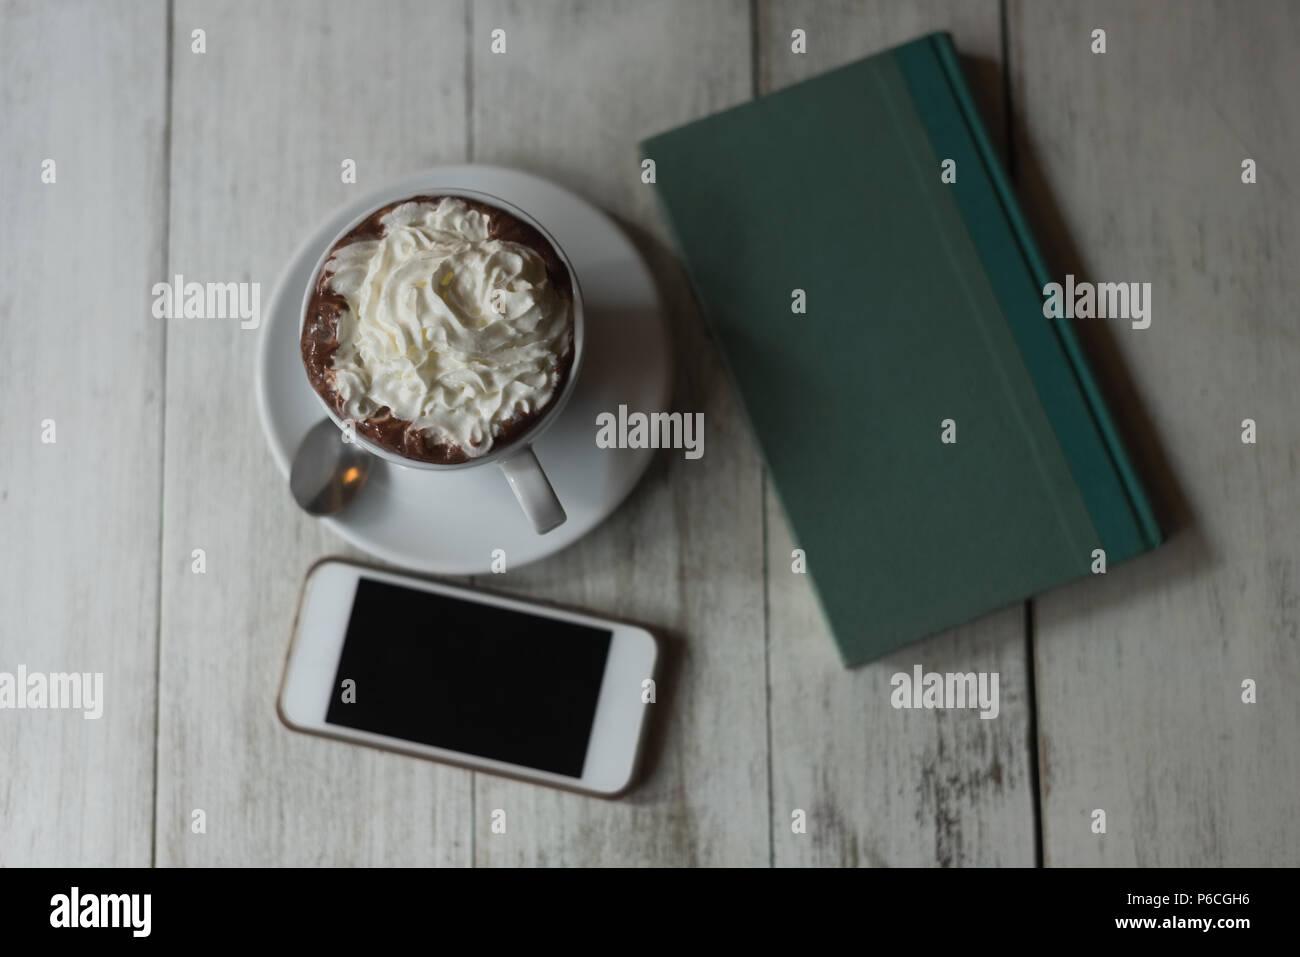 Un aliment sucré, agenda et téléphone mobile sur table en bois Banque D'Images